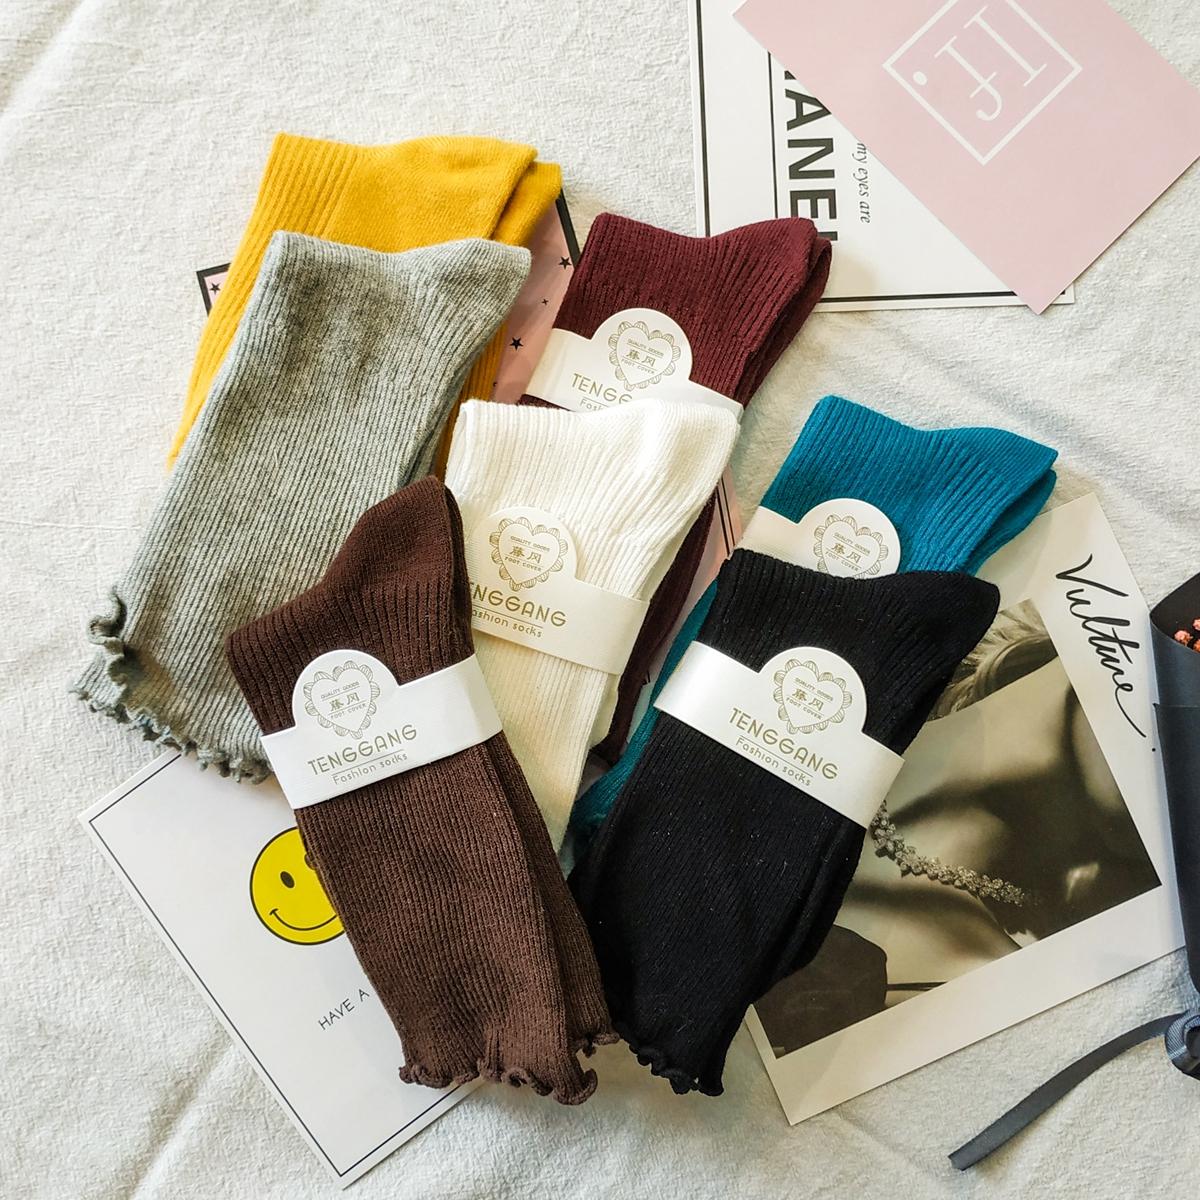 2018秋季新款流行时尚中筒堆堆袜子花边靴袜直筒学院风潮款女袜子